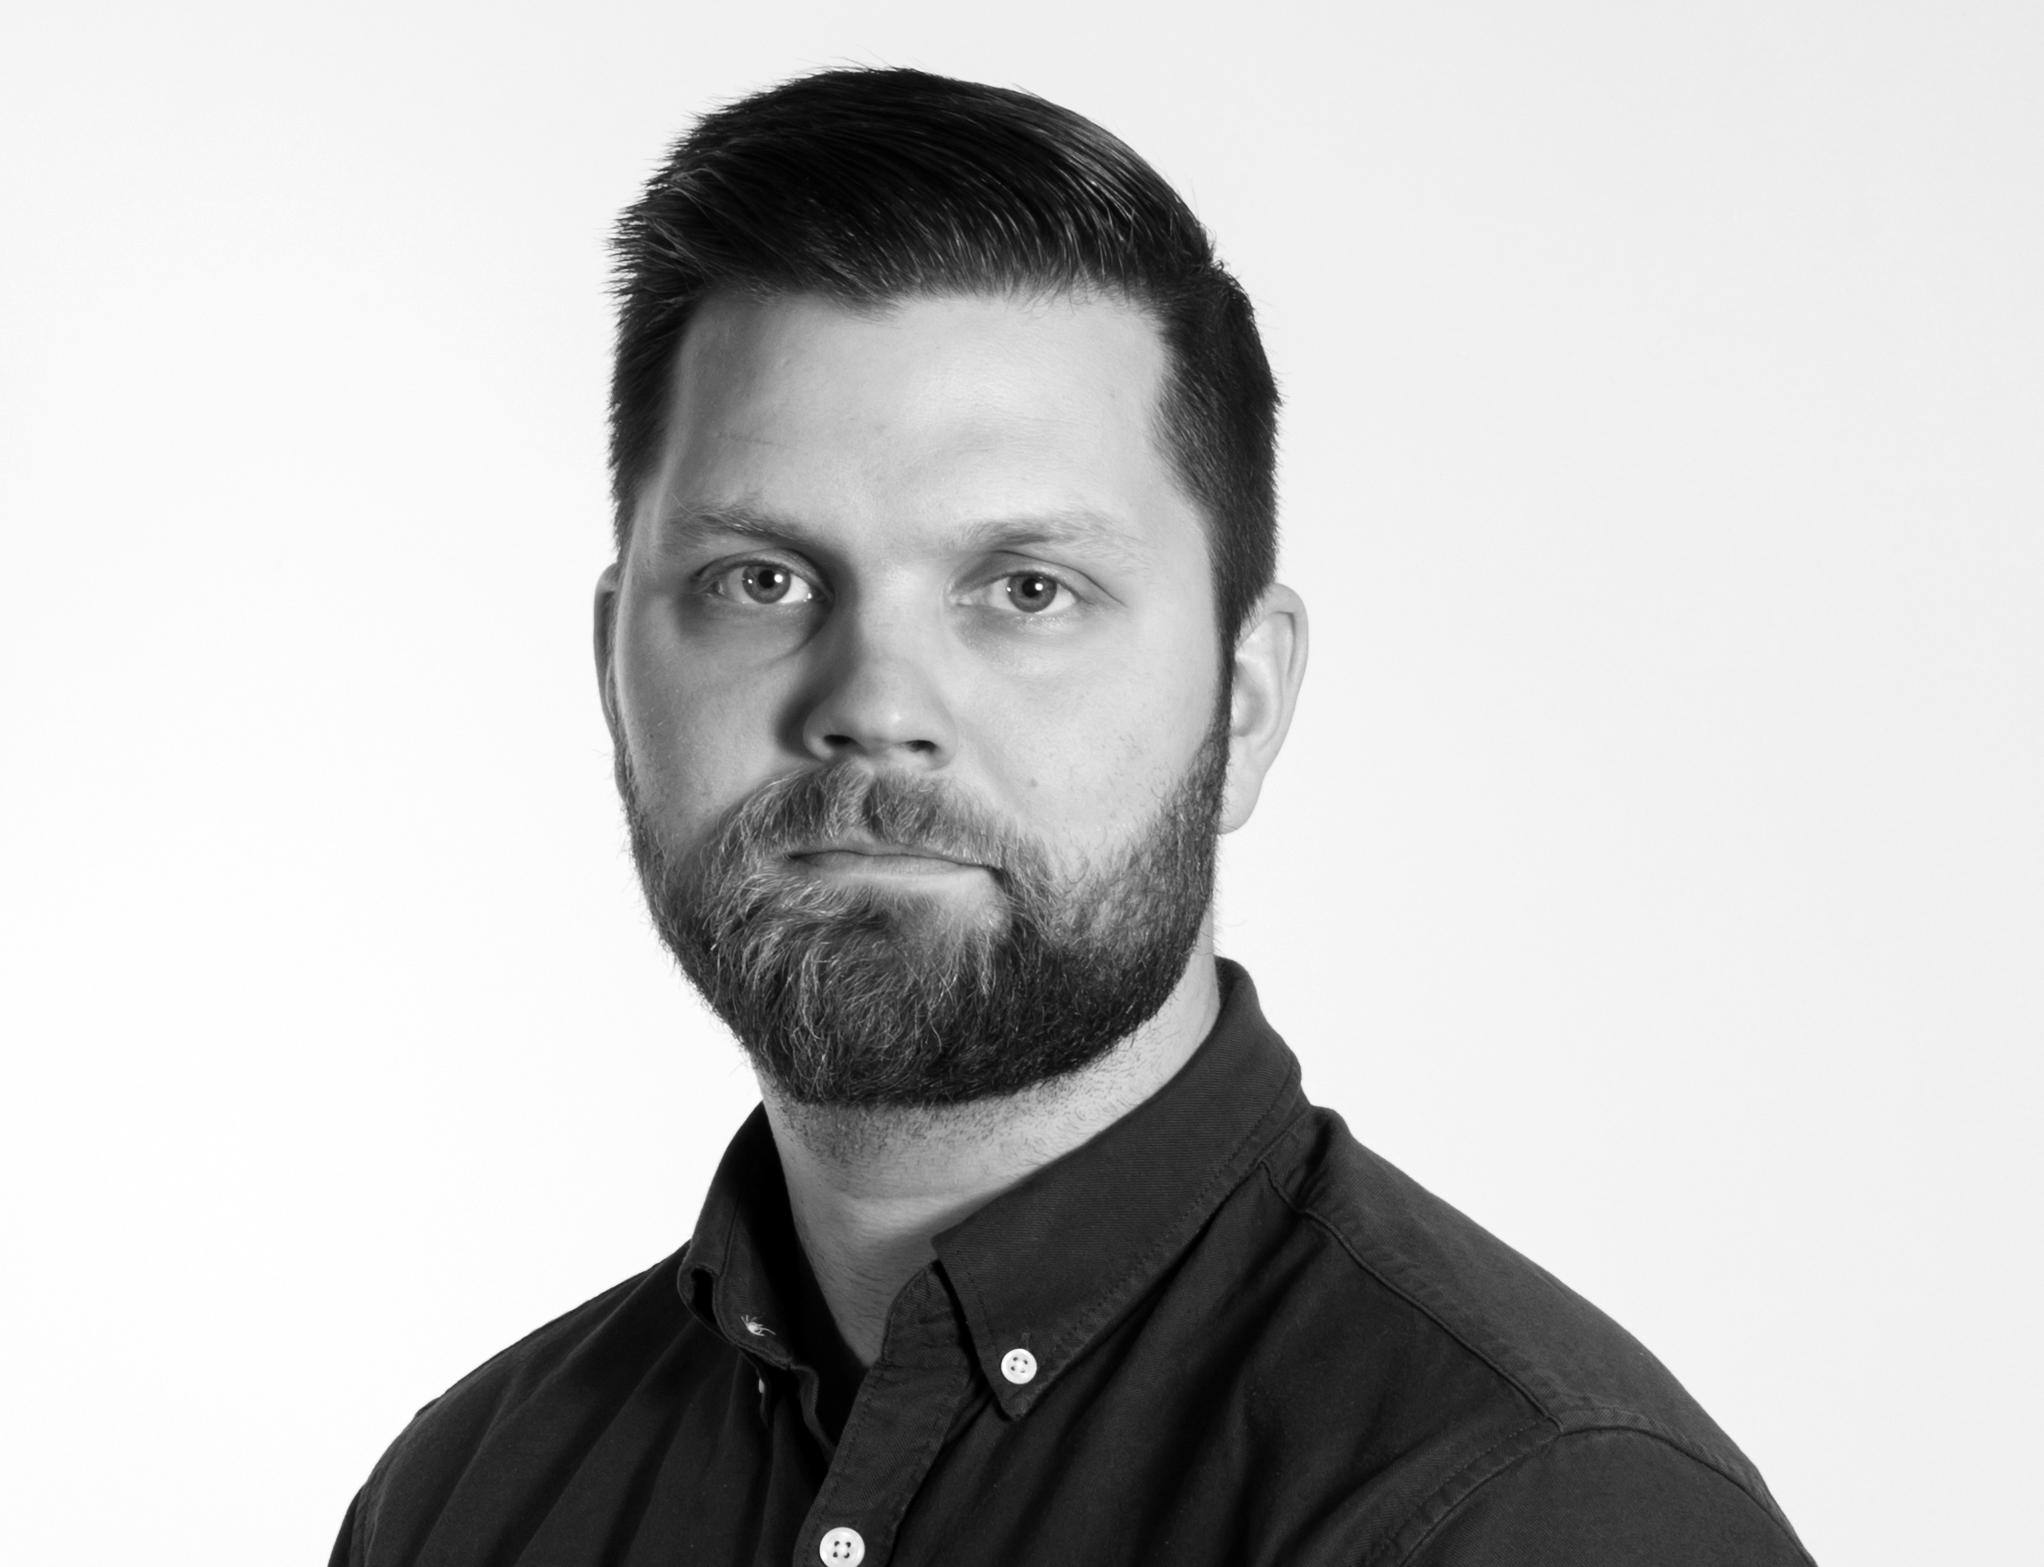 Baldur Þór Halldórsson